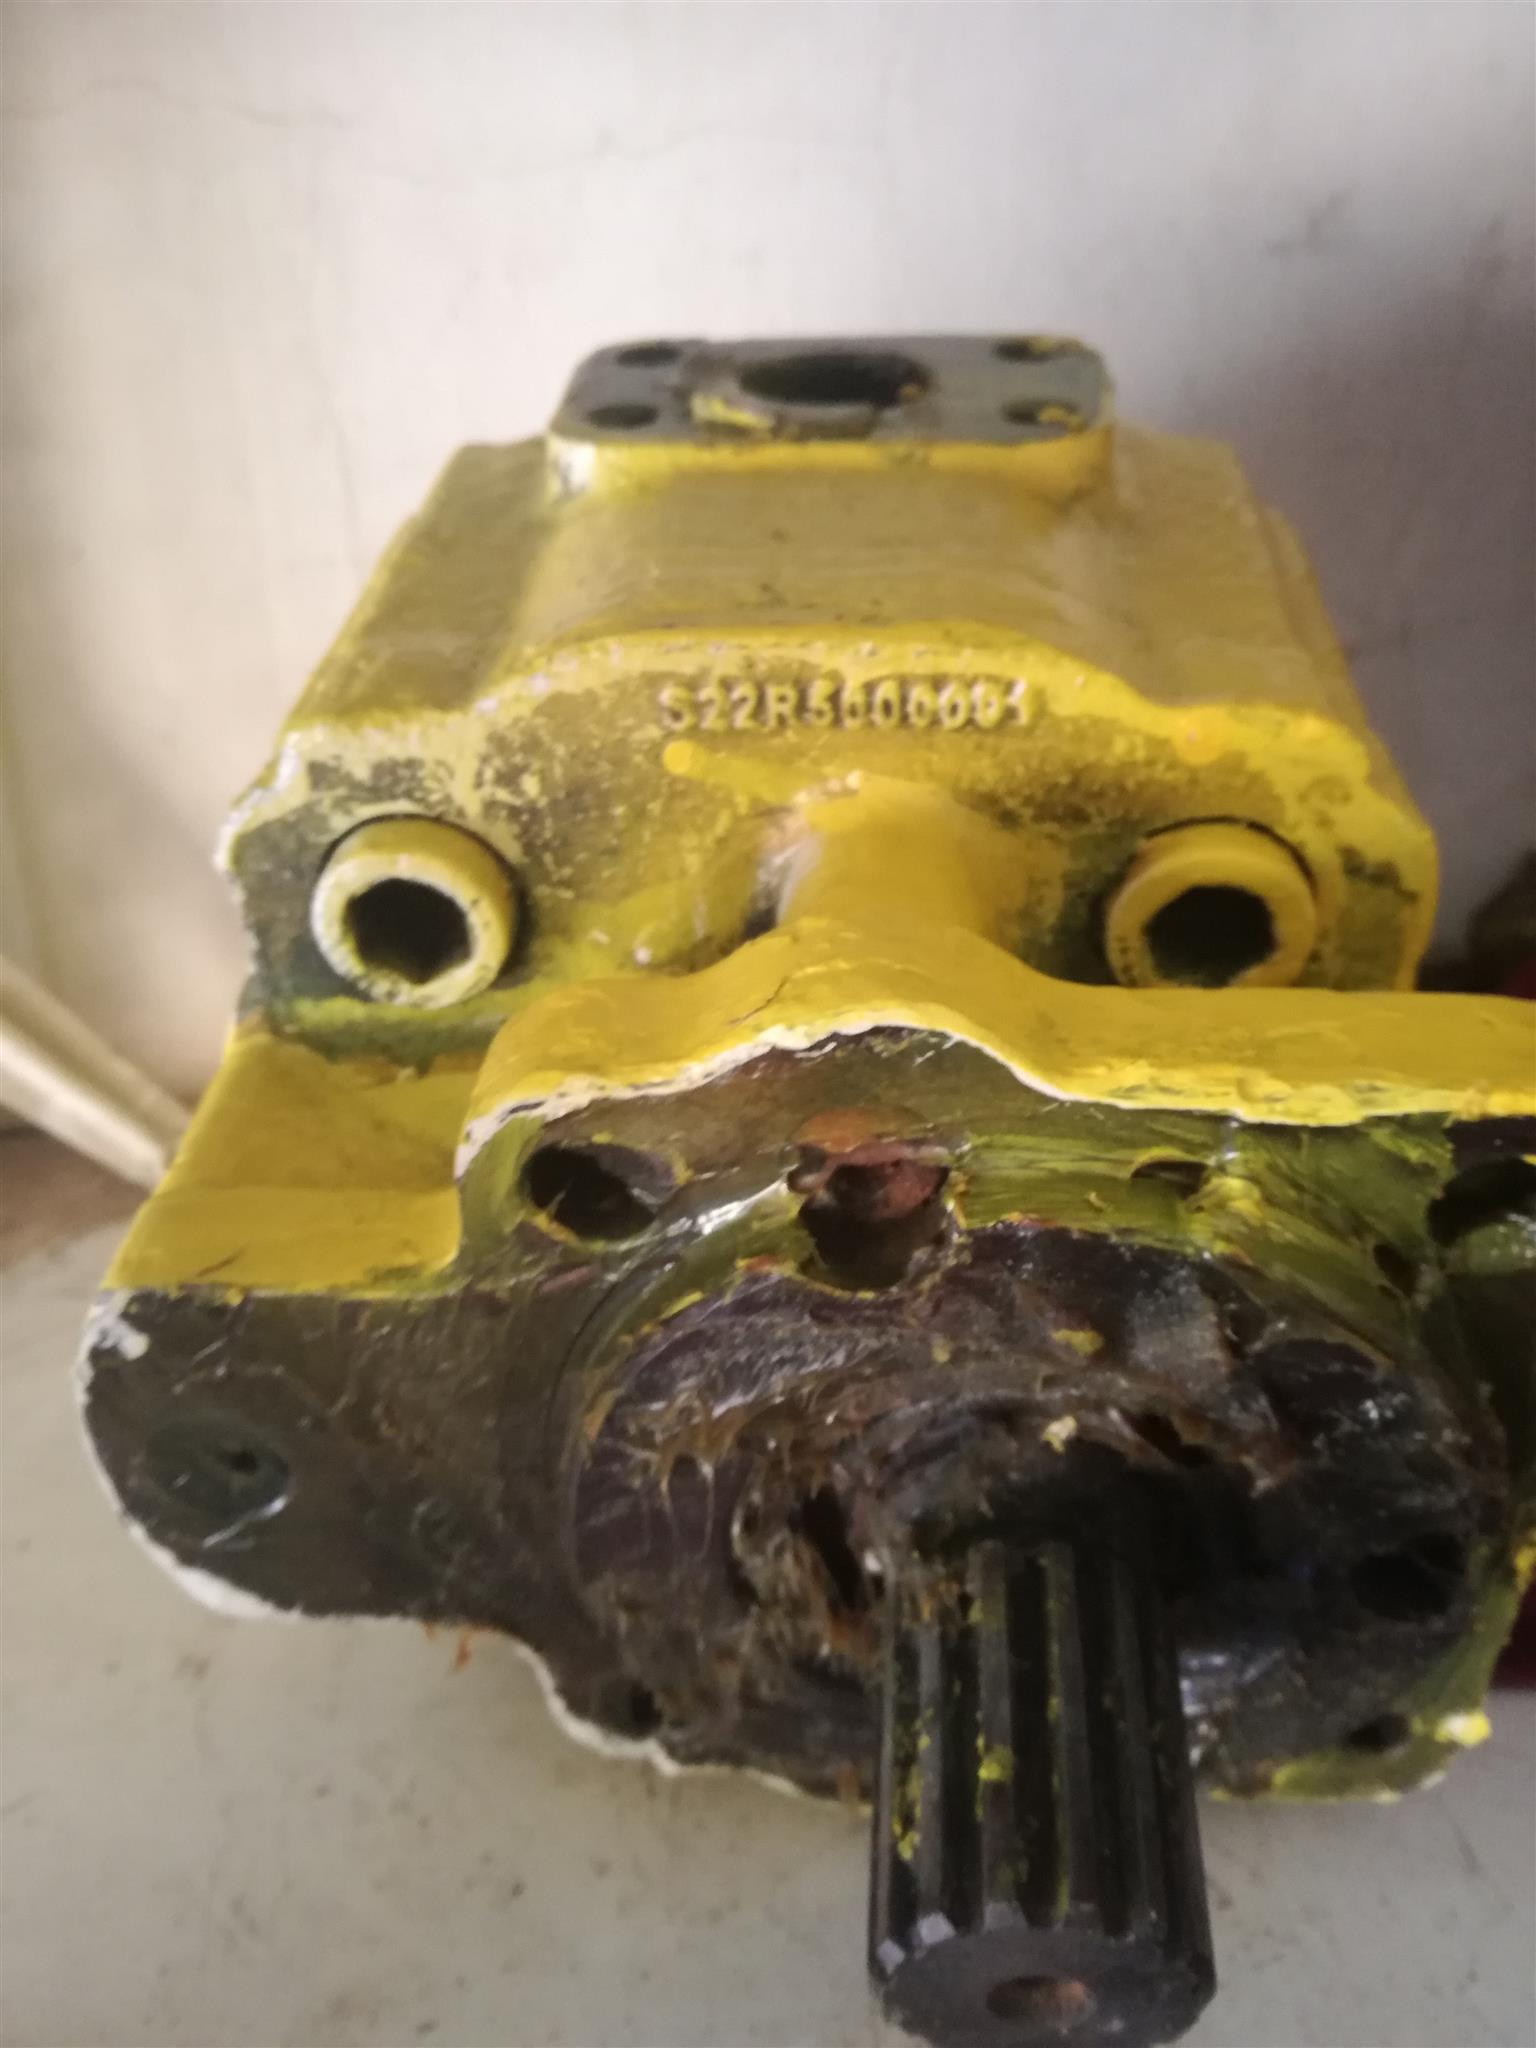 Komatshu D65 main hydraulic pump